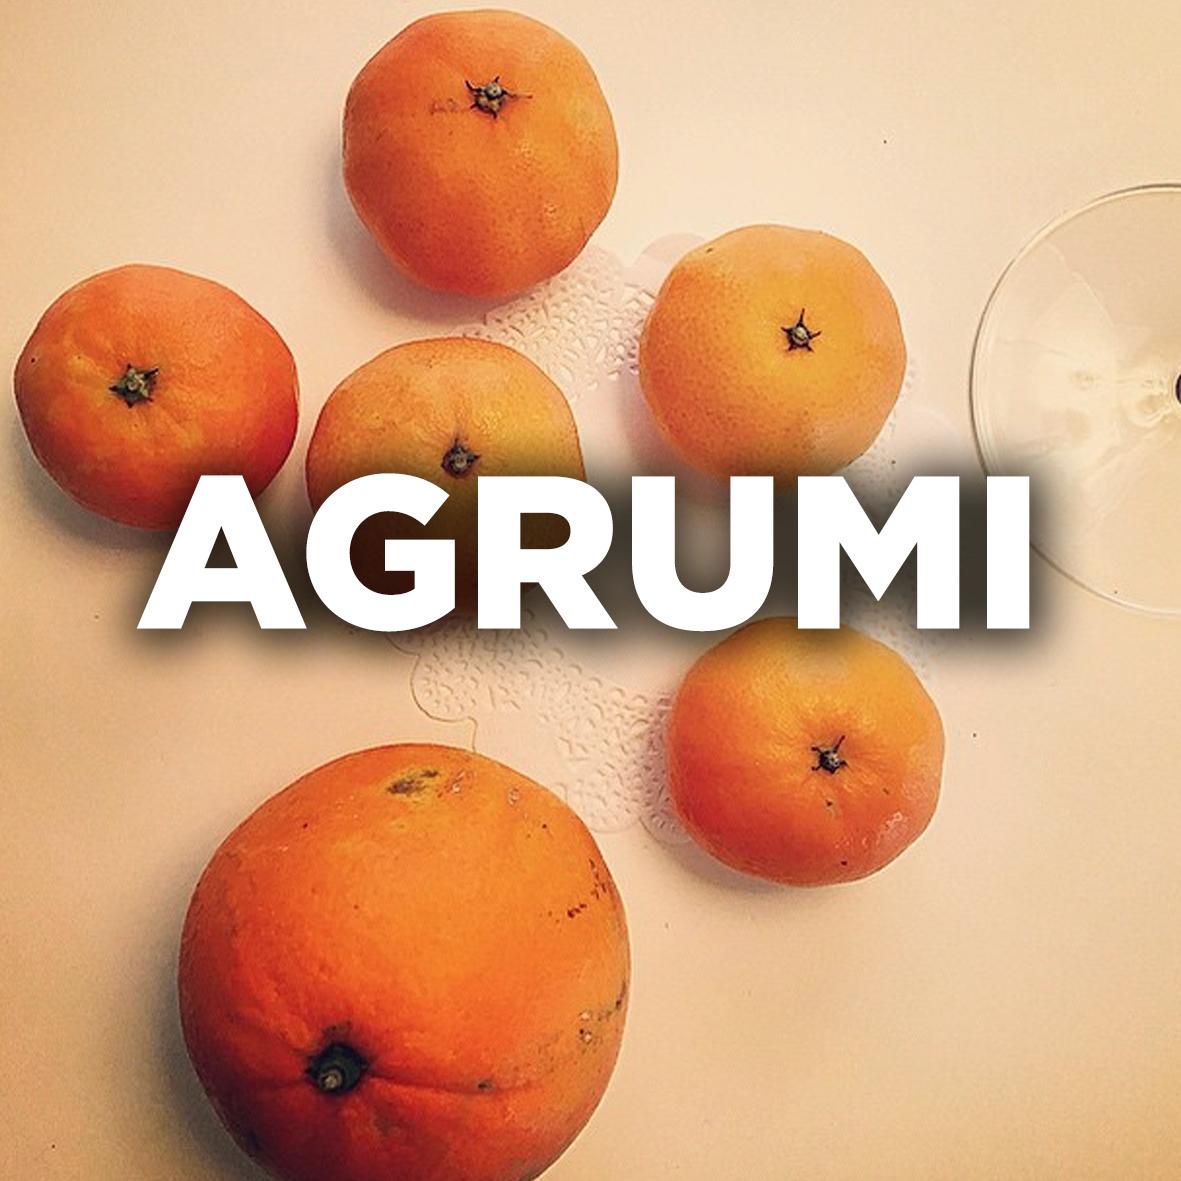 agrumi0